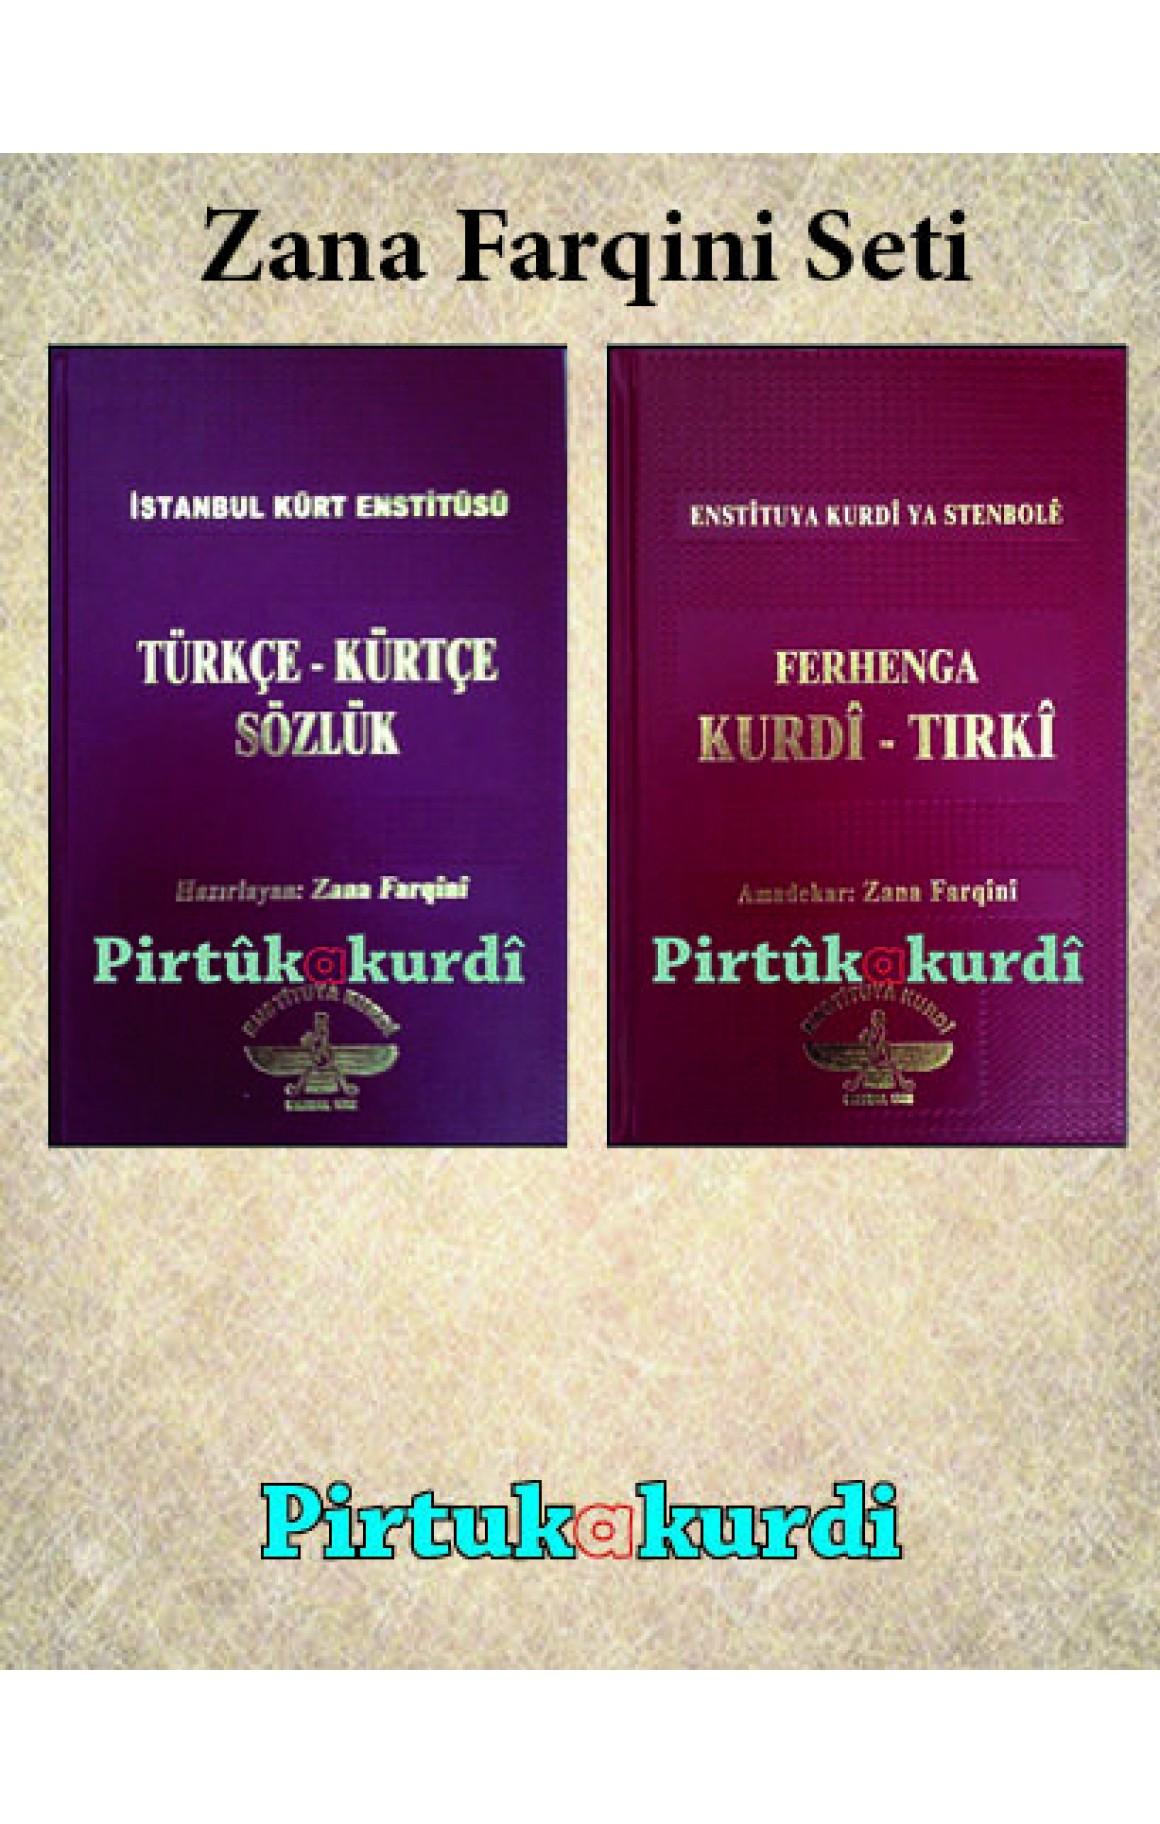 Zana Farqini Kürtçe Sözlük Seti